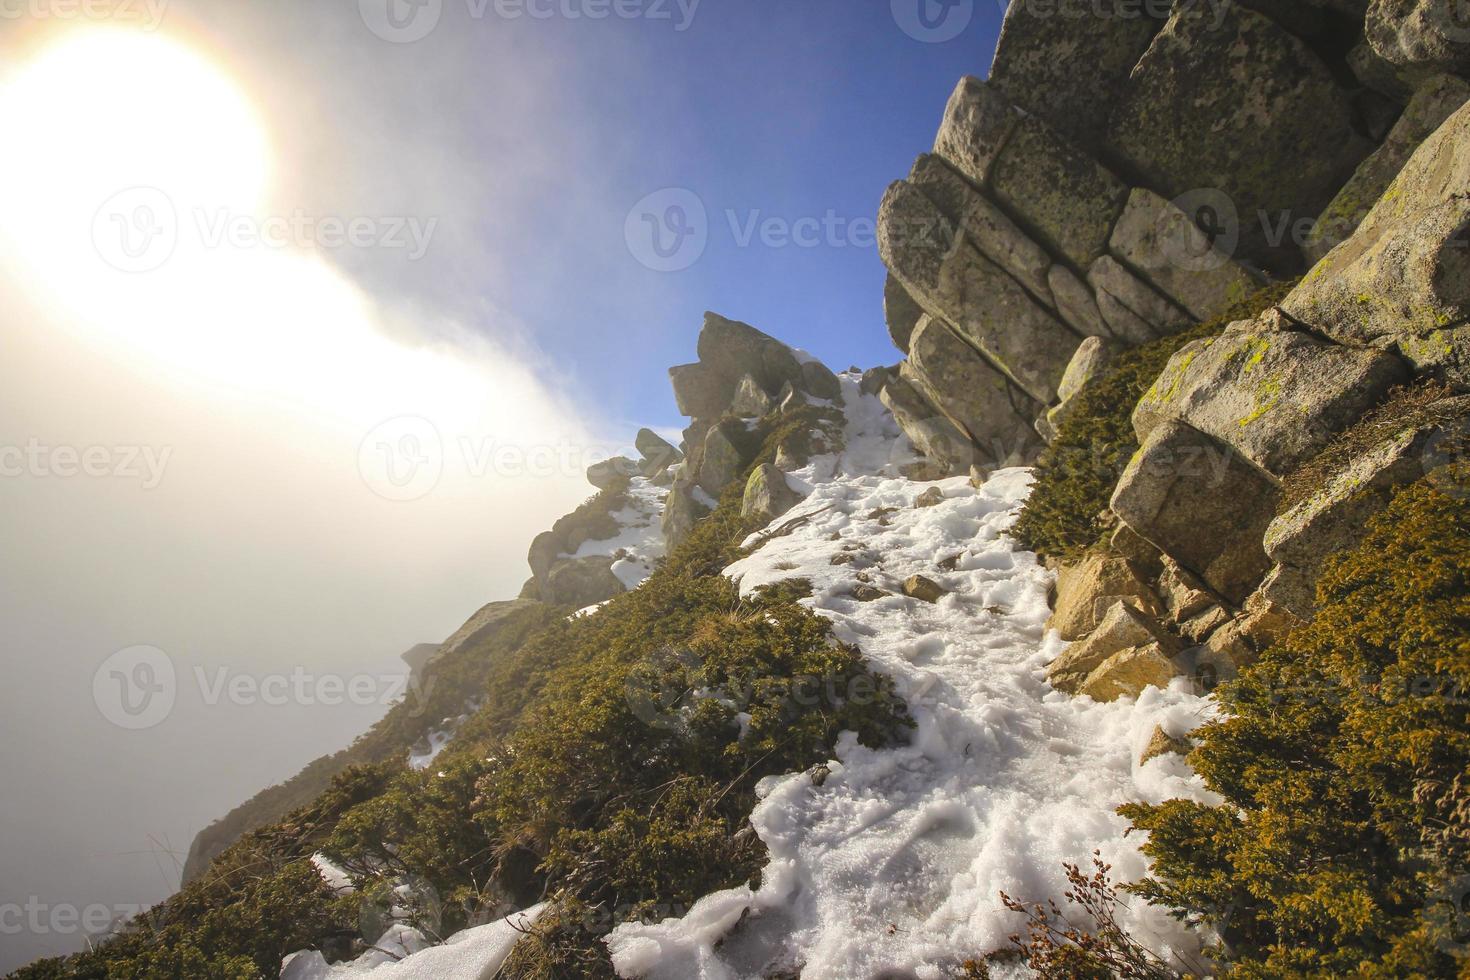 caminho de neve foto